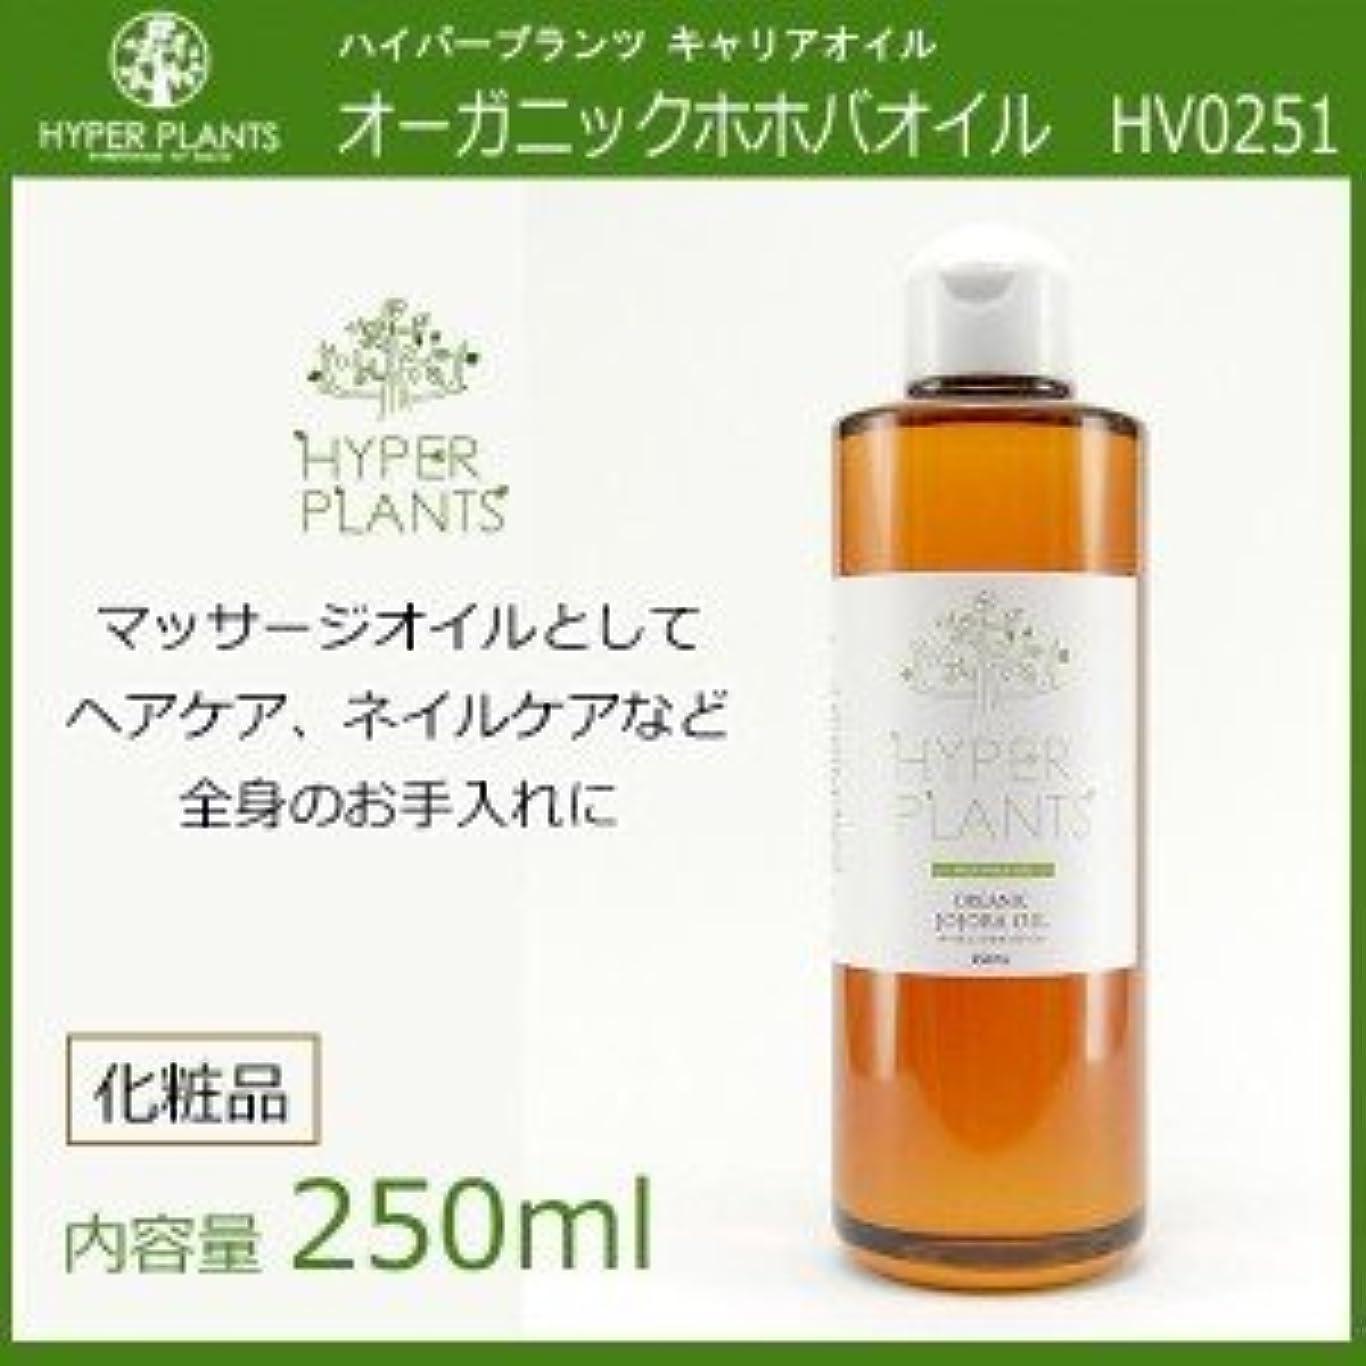 蒸留する詳細に香りHYPER PLANTS ハイパープランツ キャリアオイル オーガニックホホバオイル 250ml HV0251